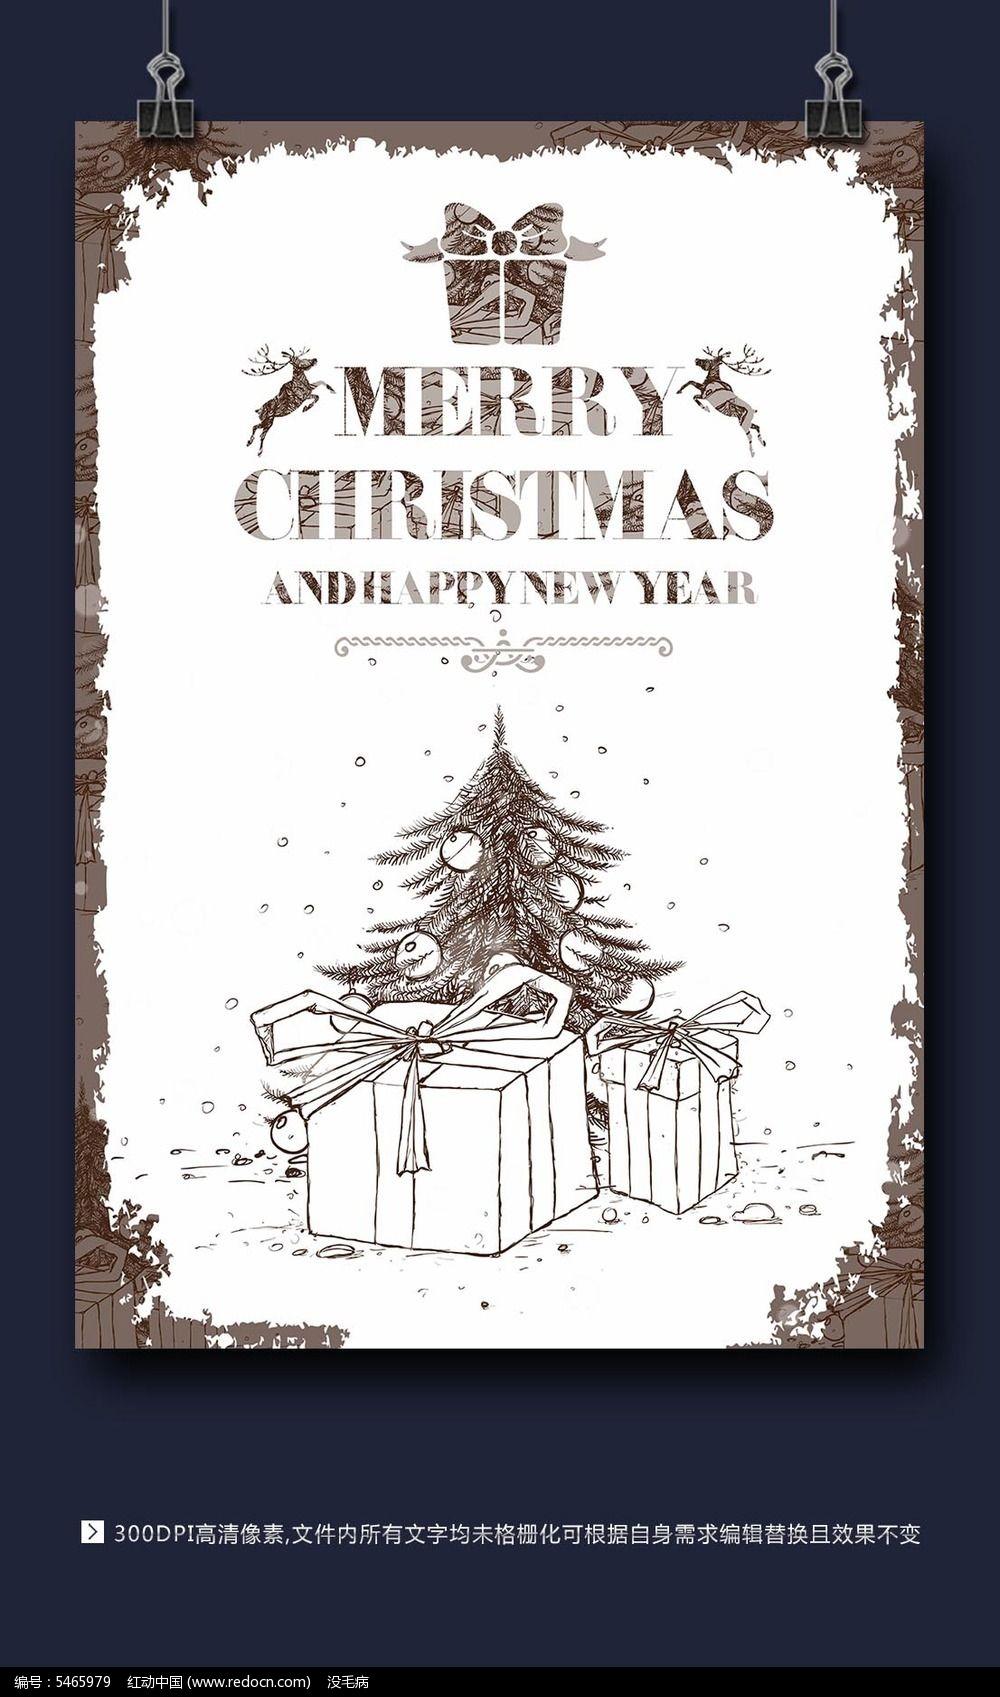 精美手绘圣诞节海报设计图片